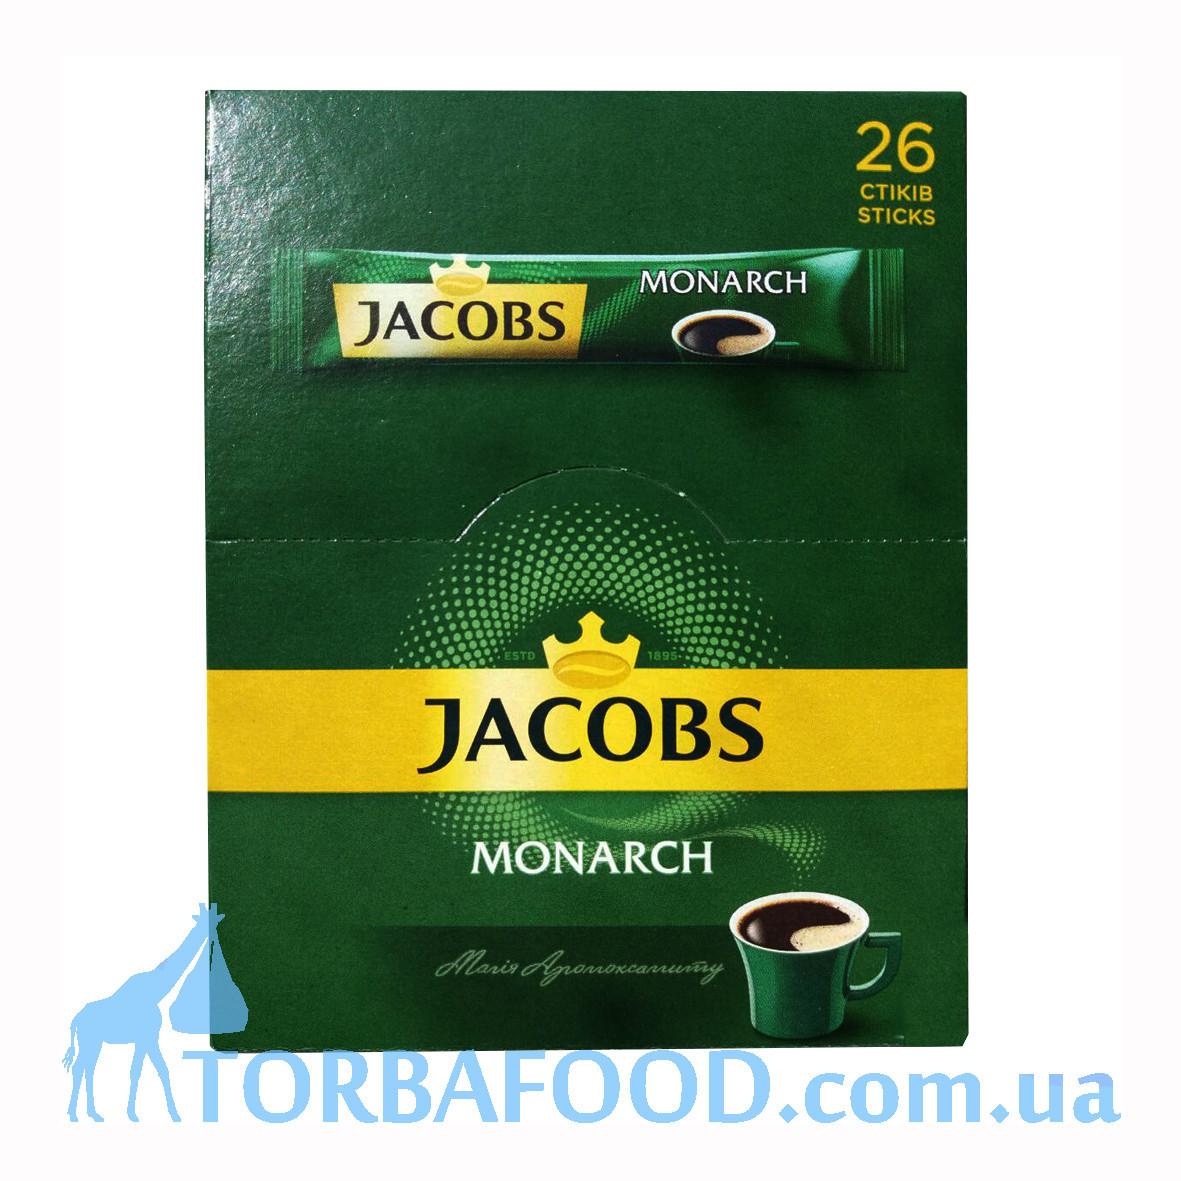 Кофе растворимый в стиках Якобс